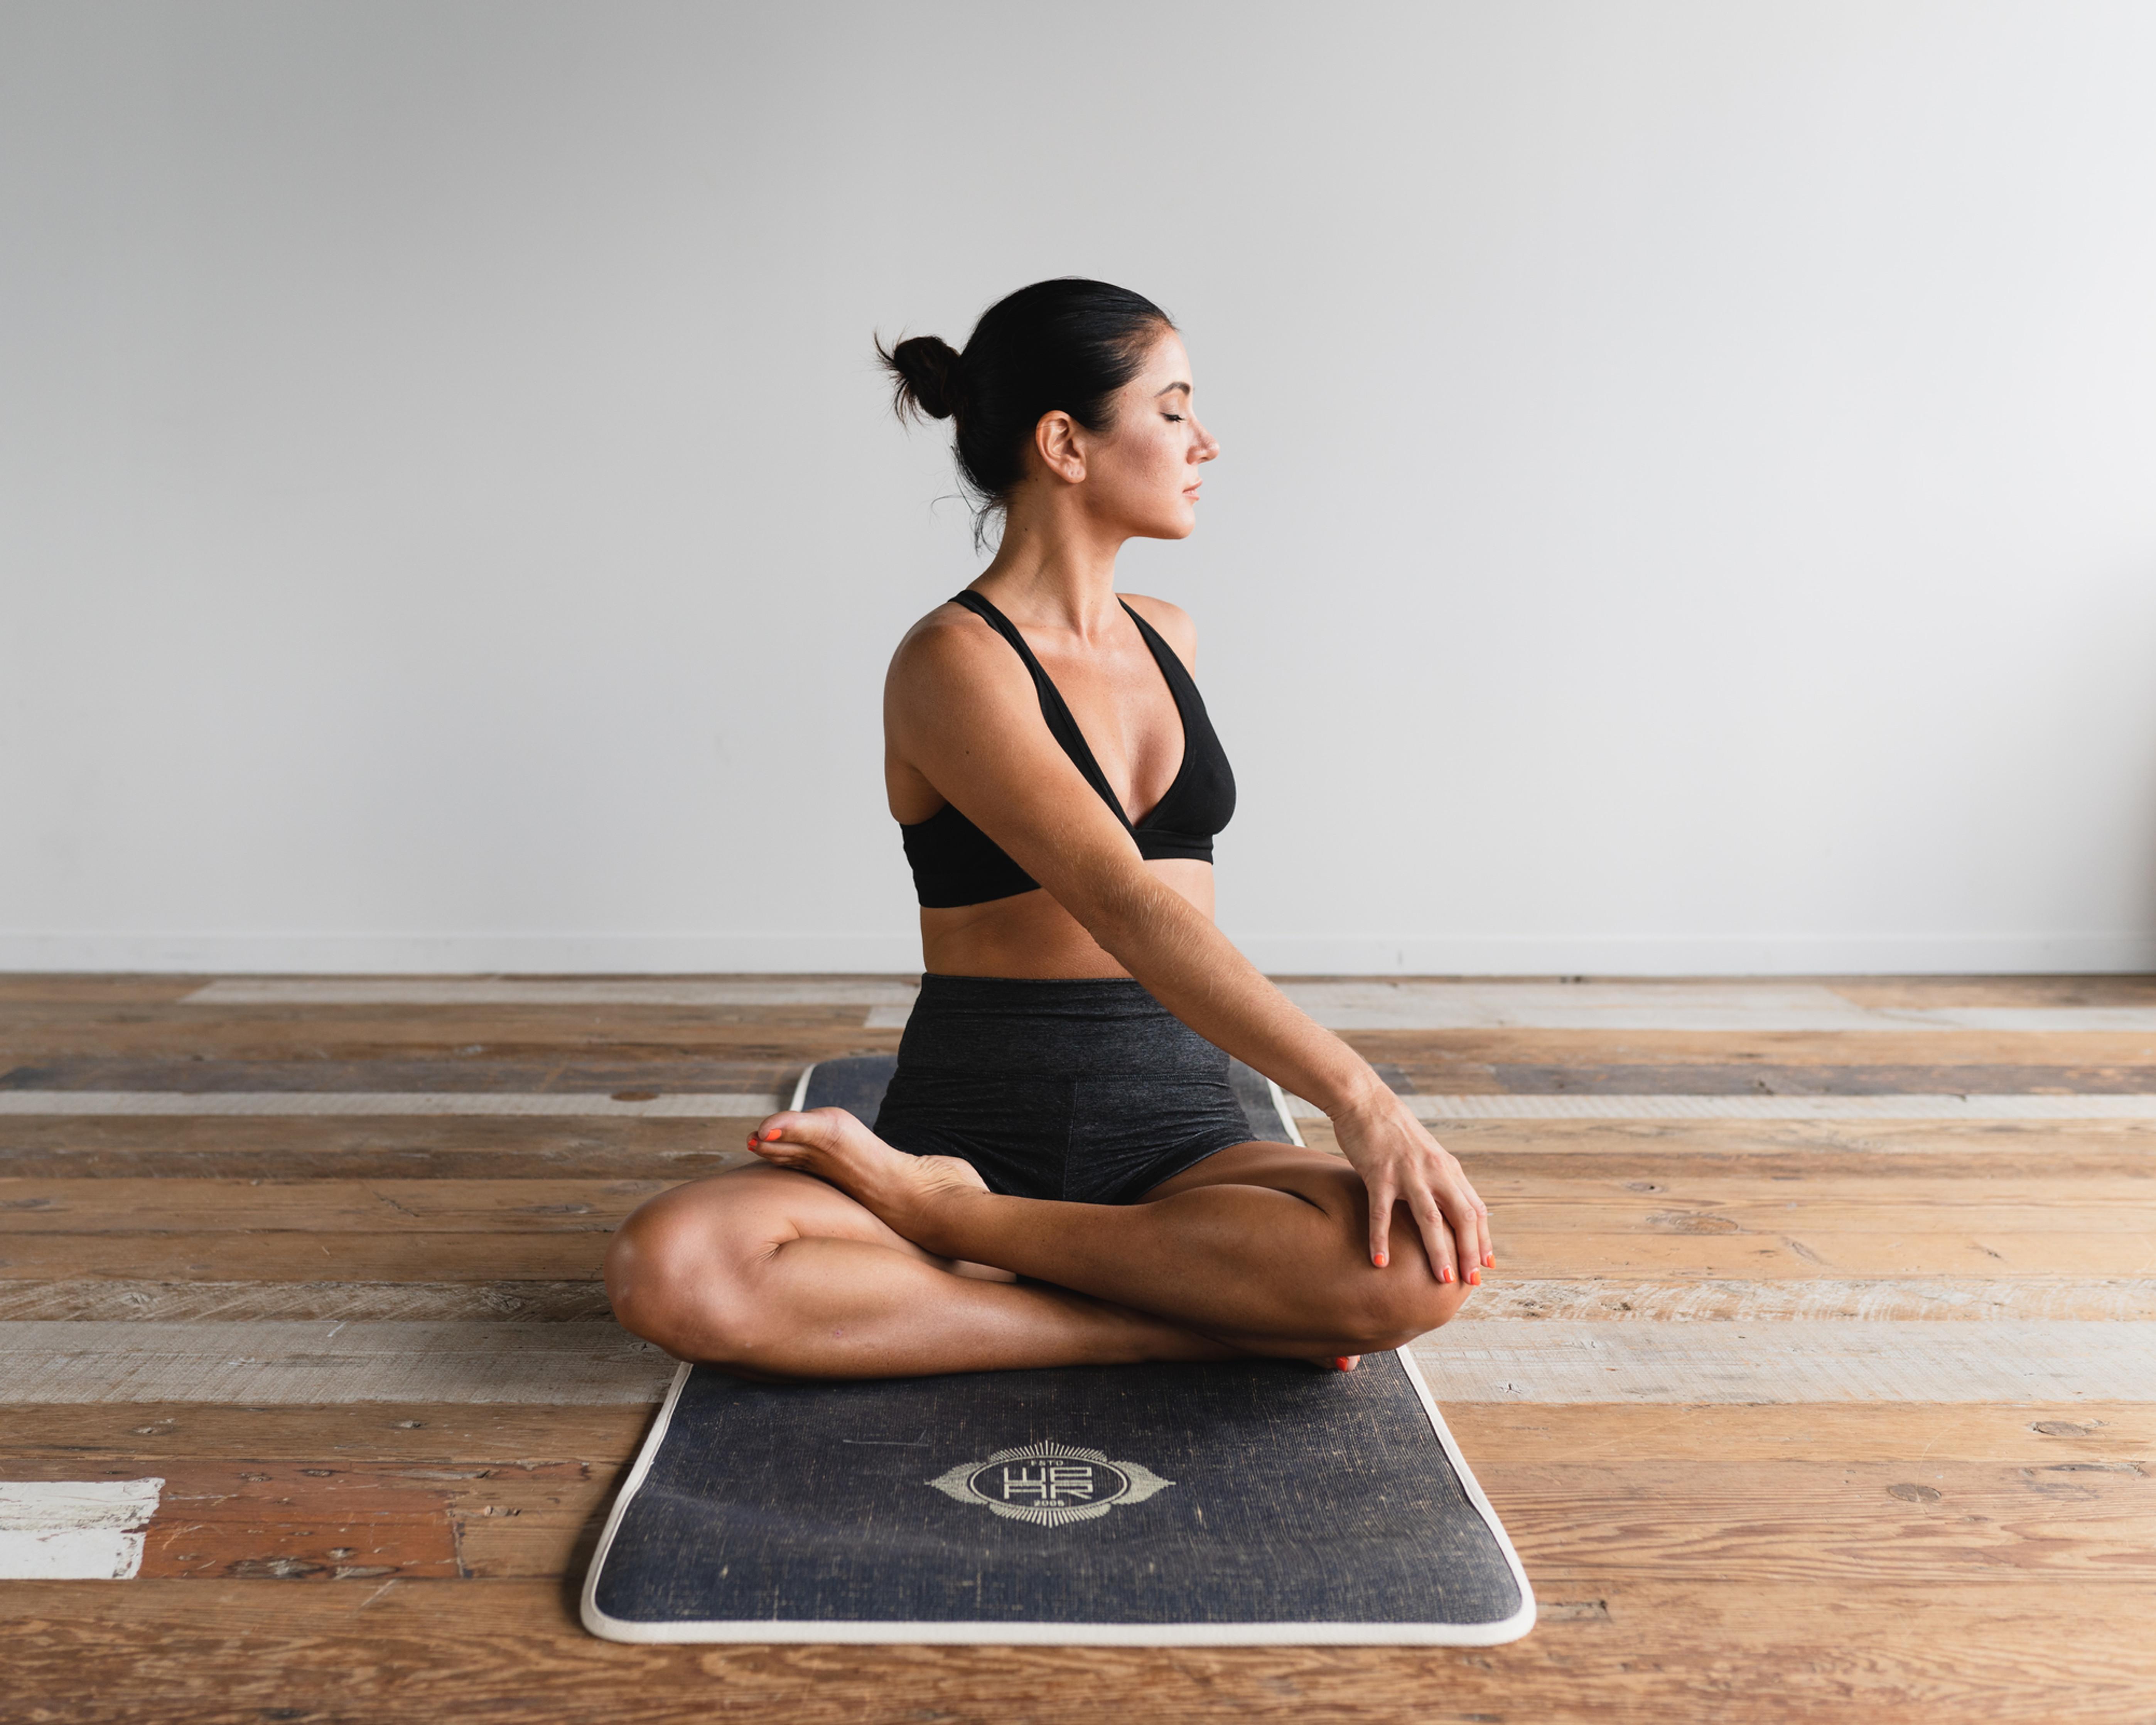 Faszien-Yoga - Watch Party Practice